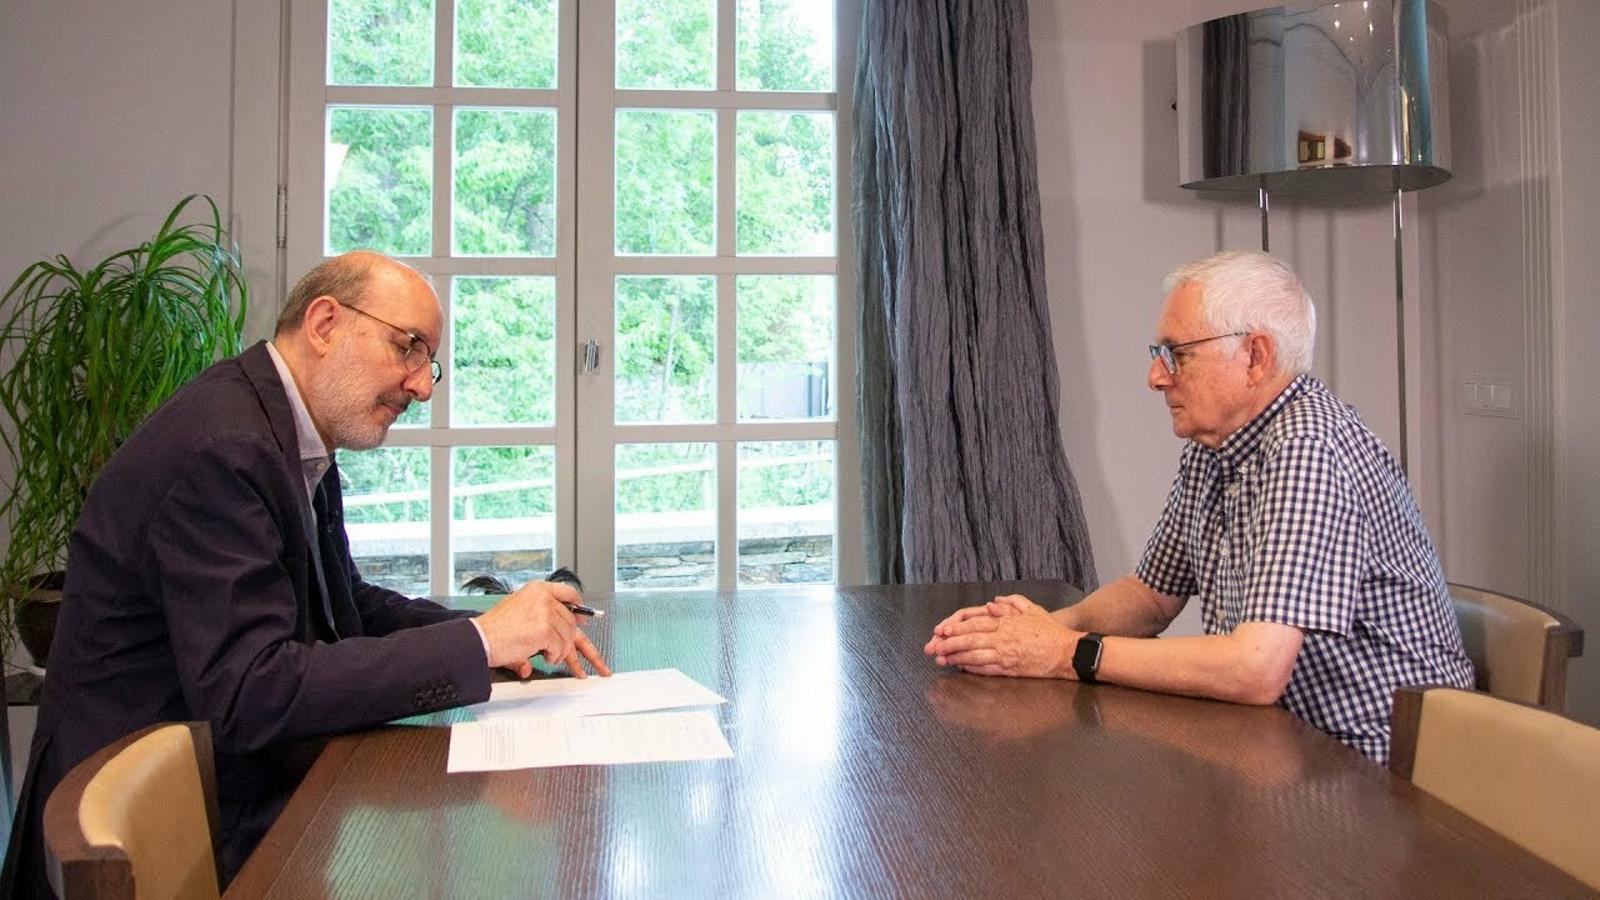 Entrevista d'Antoni Bassas a Josep Maria Boix